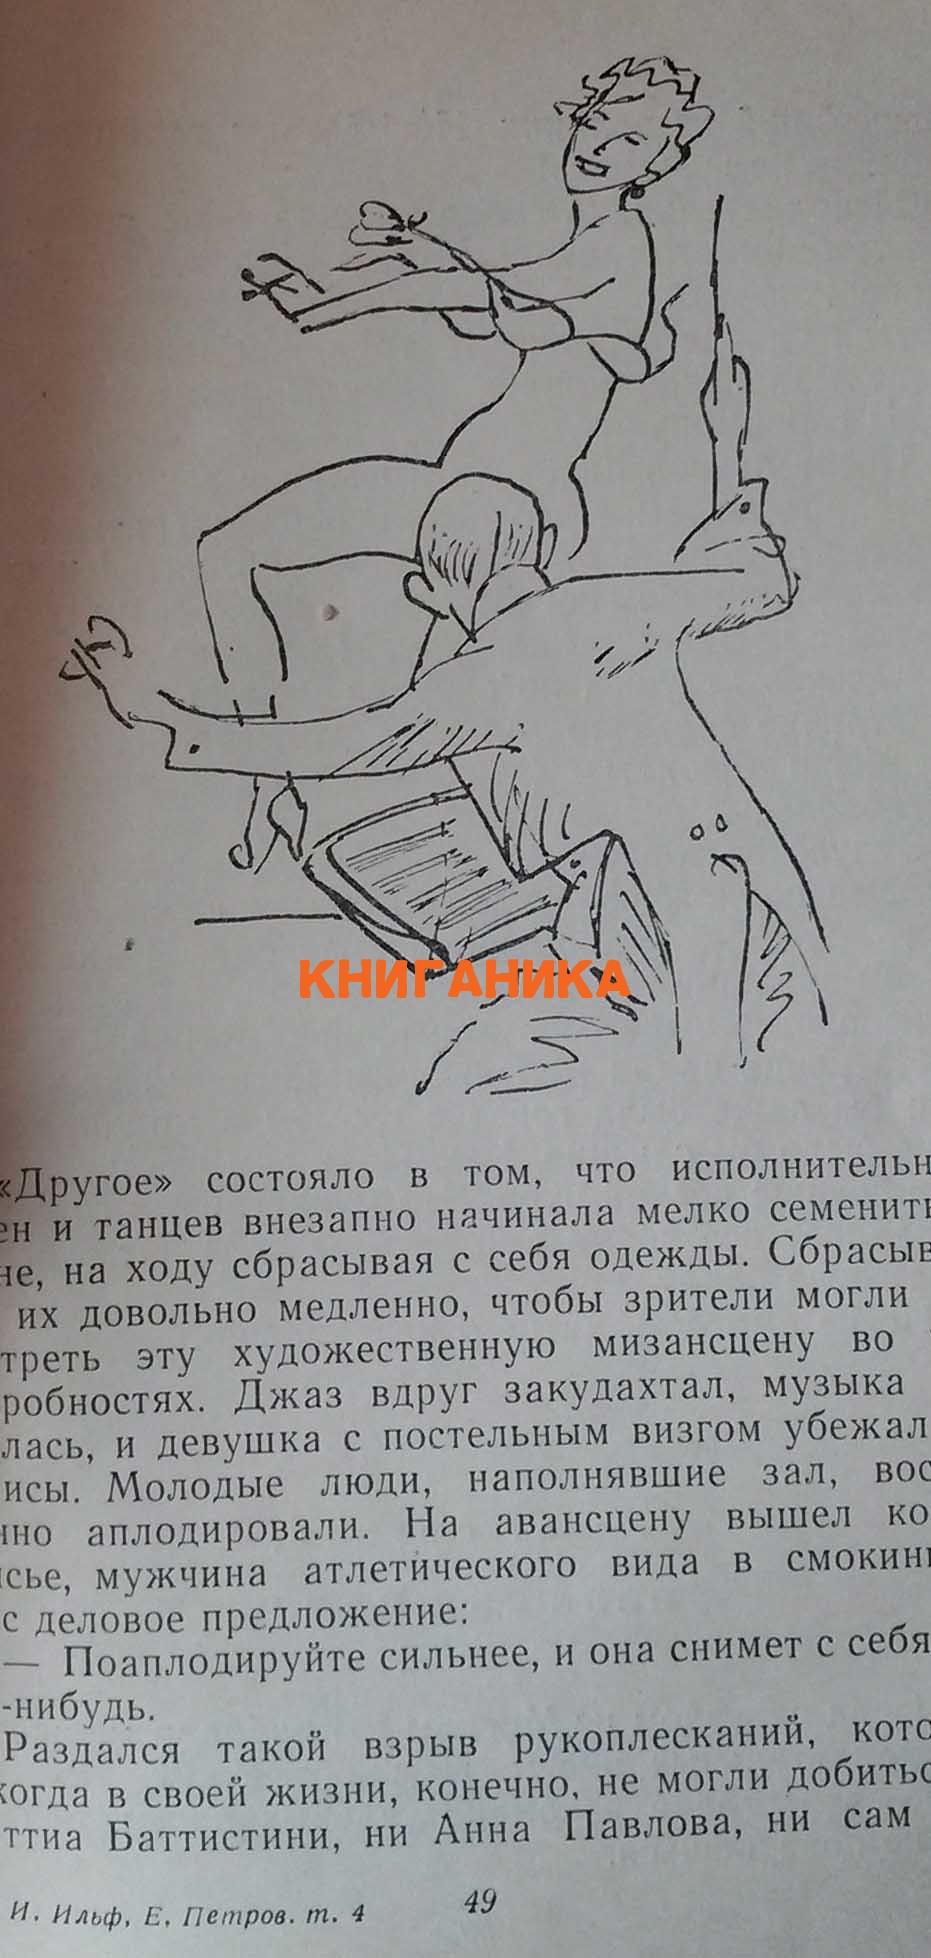 Ильф и Петров. Собрание сочинений. Фото илл.